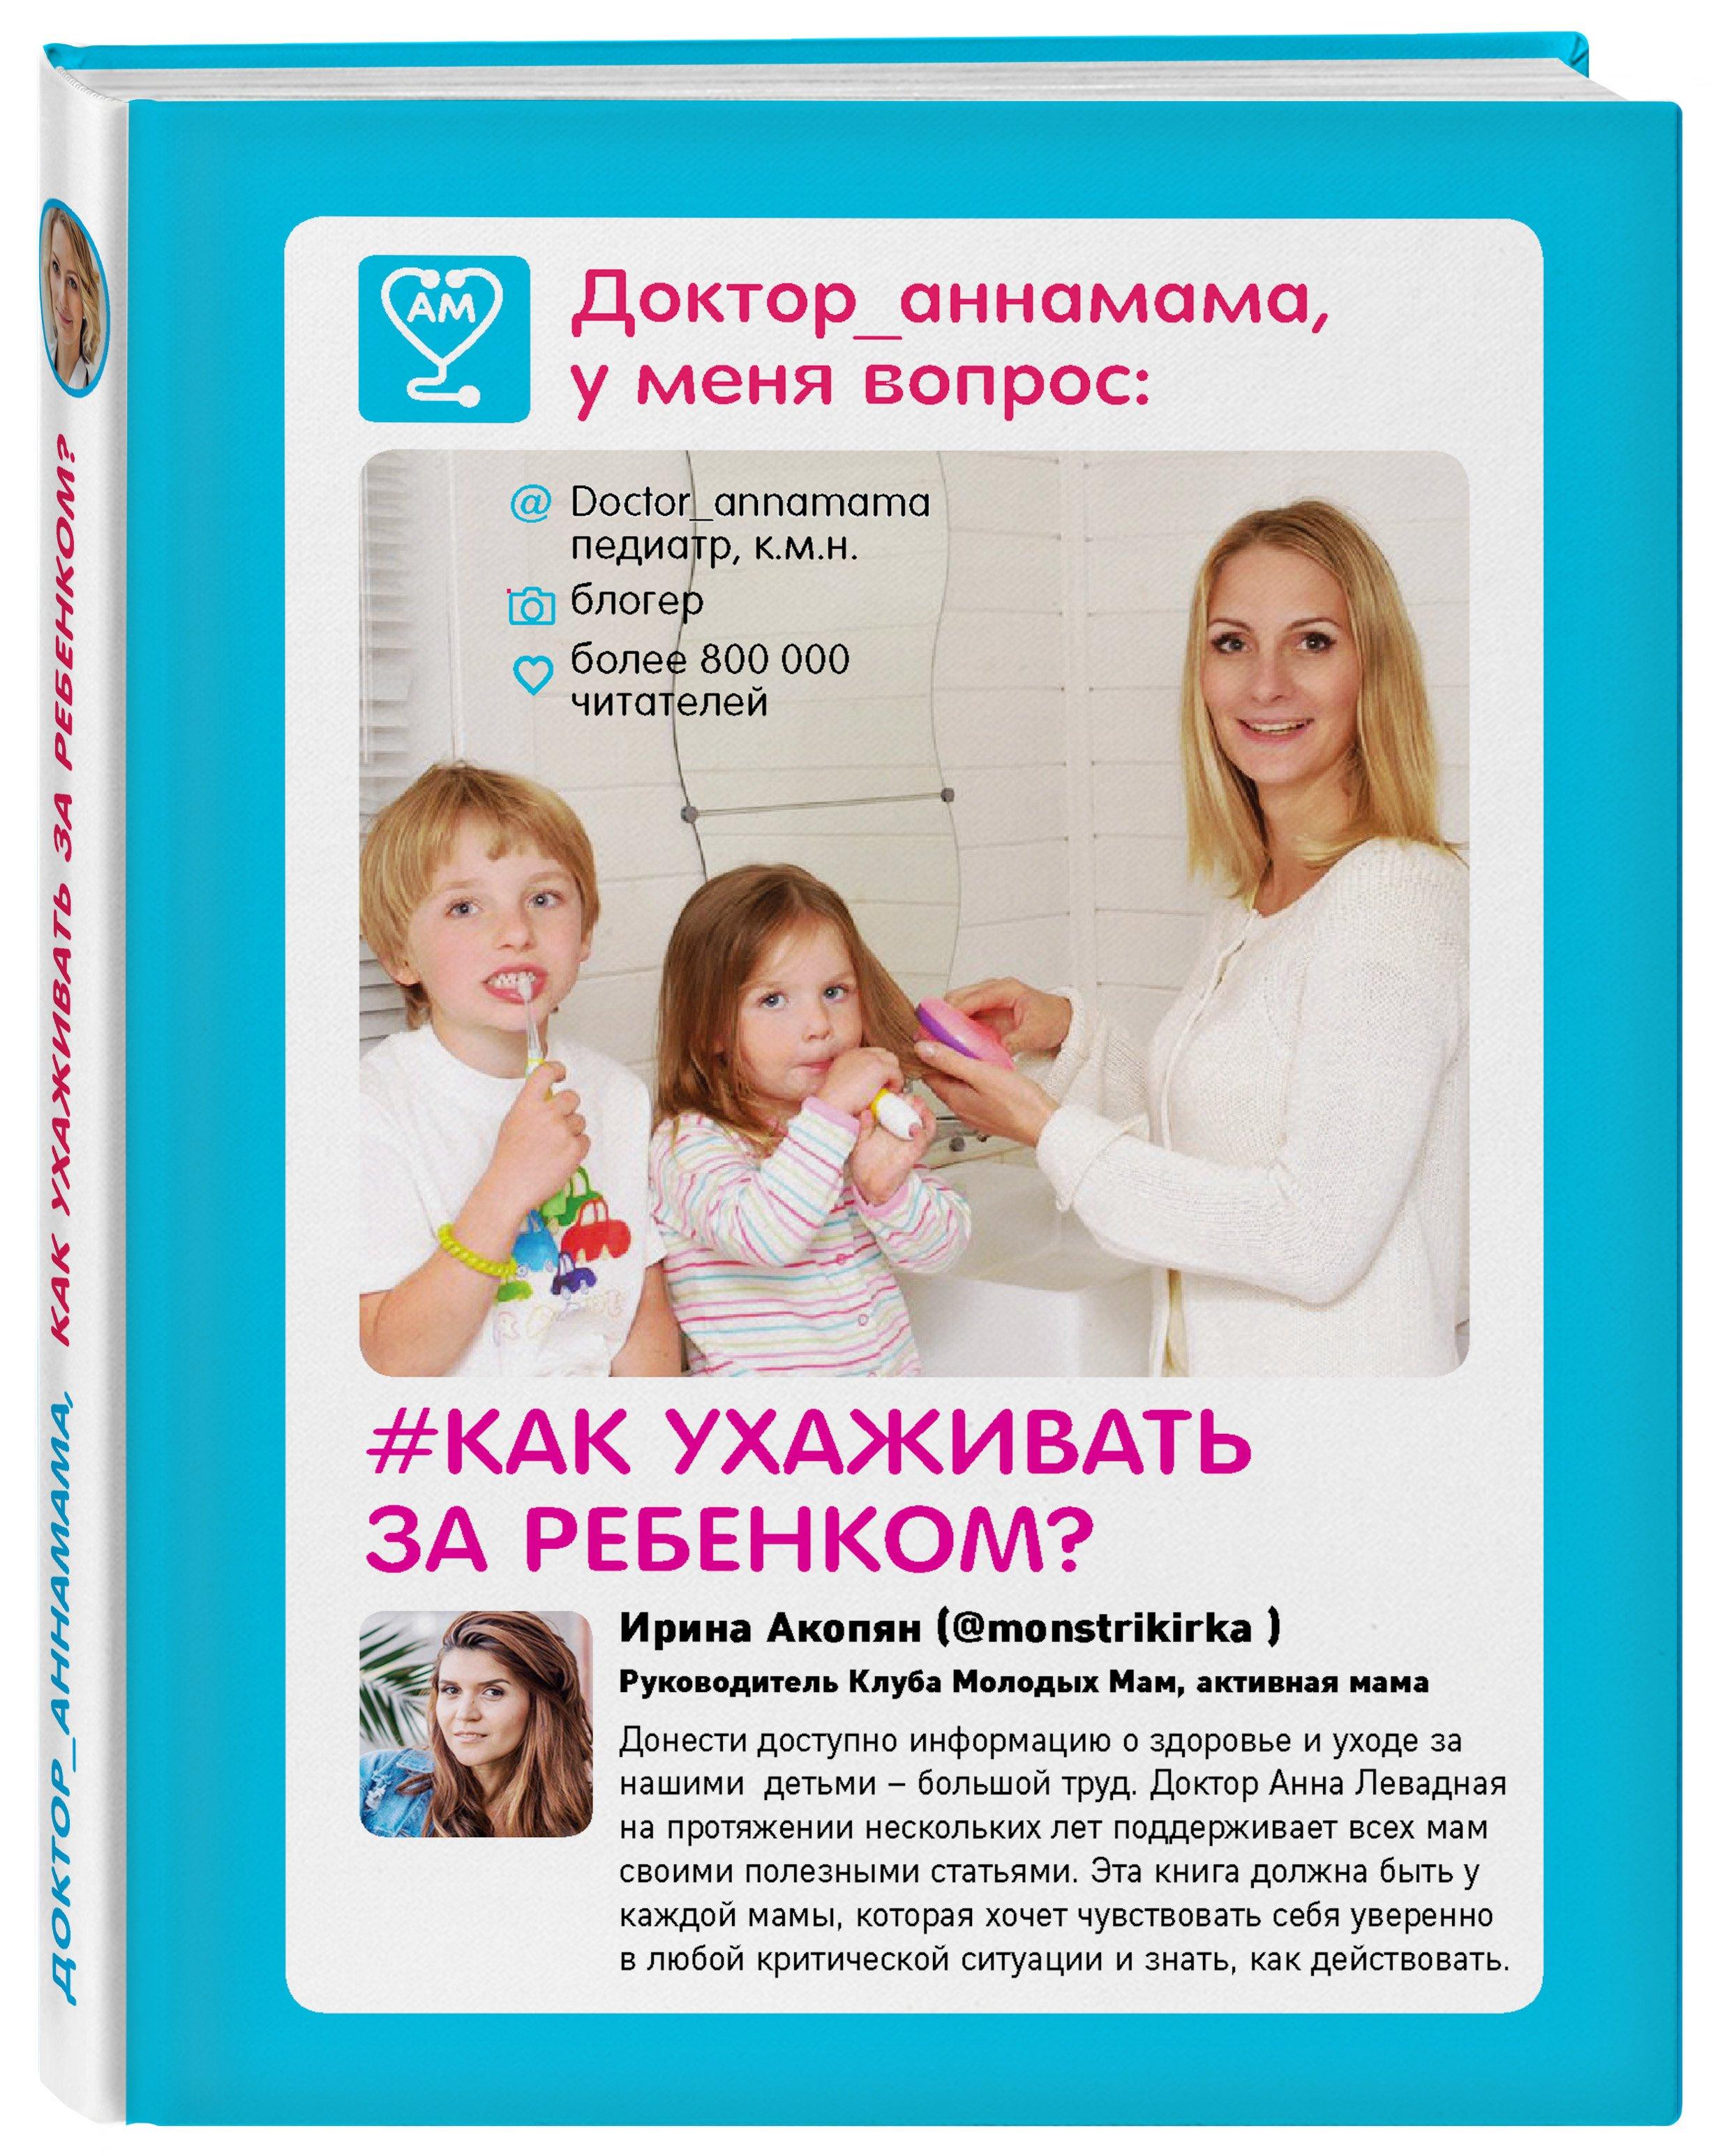 Левадная Анна Викторовна Доктор аннамама, у меня вопрос: как ухаживать за ребенком? левадная а доктор аннамама у меня вопрос как ухаживать за ребенком